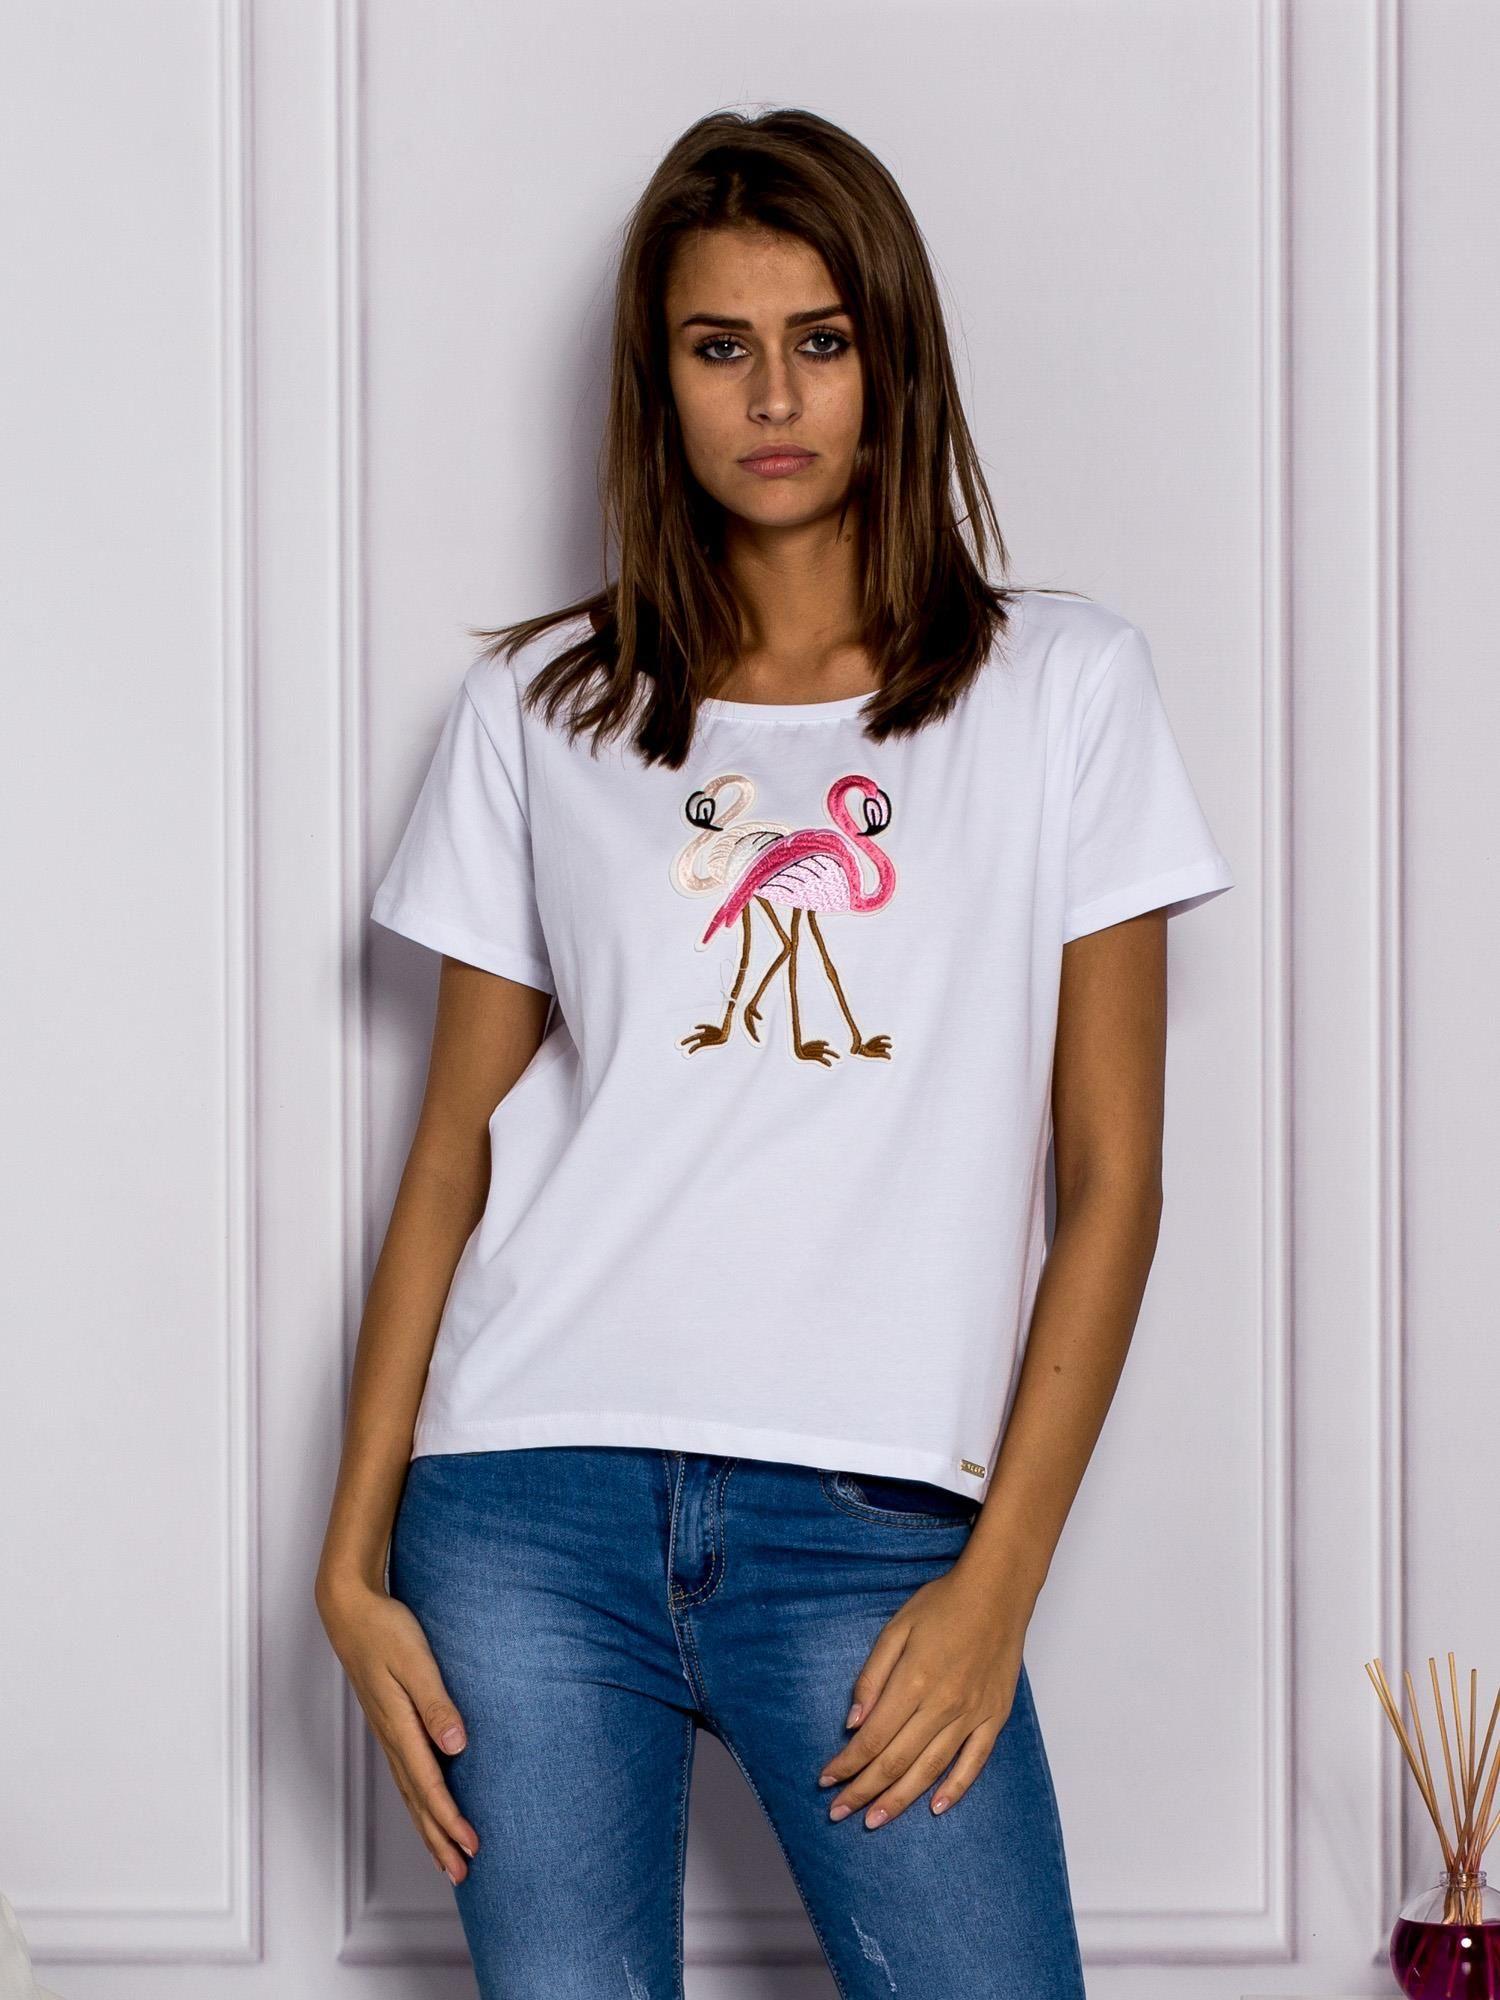 ad18d854a67938 T-shirt damski z flamingami biały - T-shirt z naszywkami - sklep ...